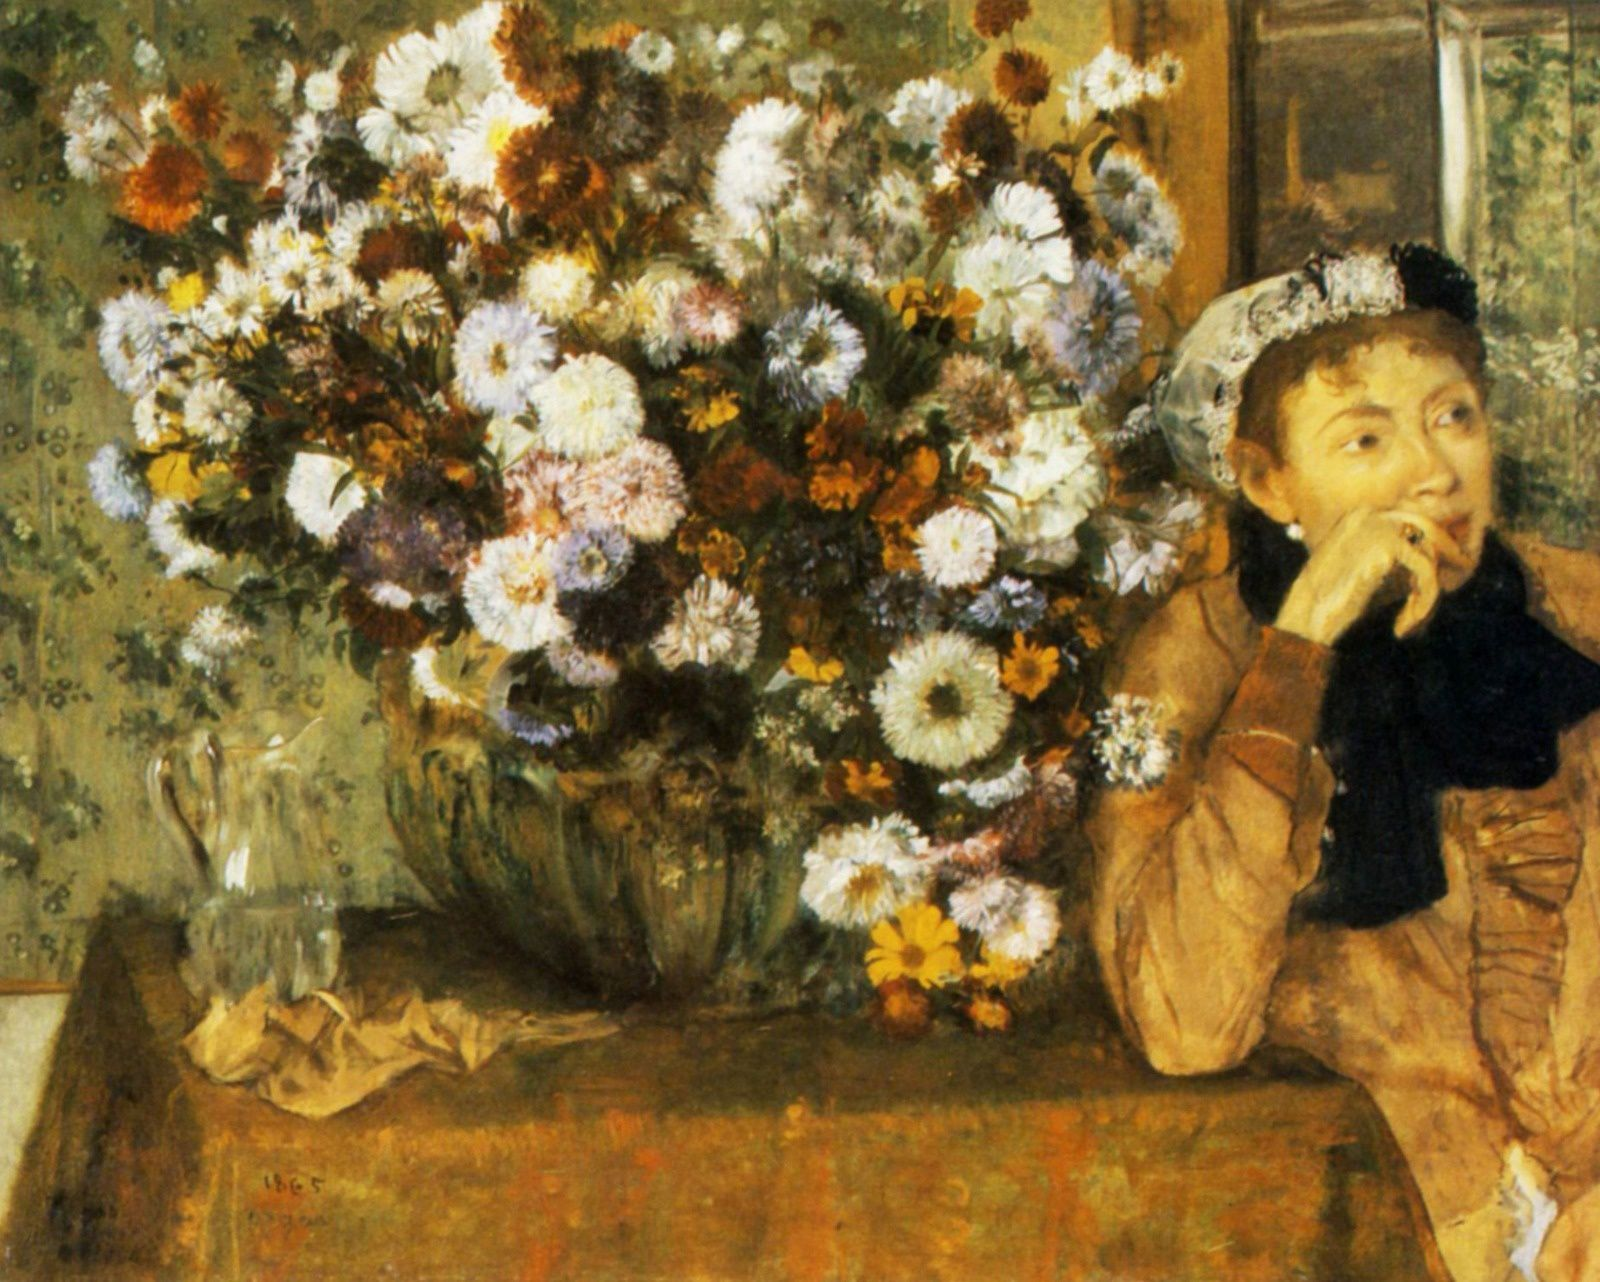 Femme assise à côté d'un vase de fleurs (1865) de Edgar Degas